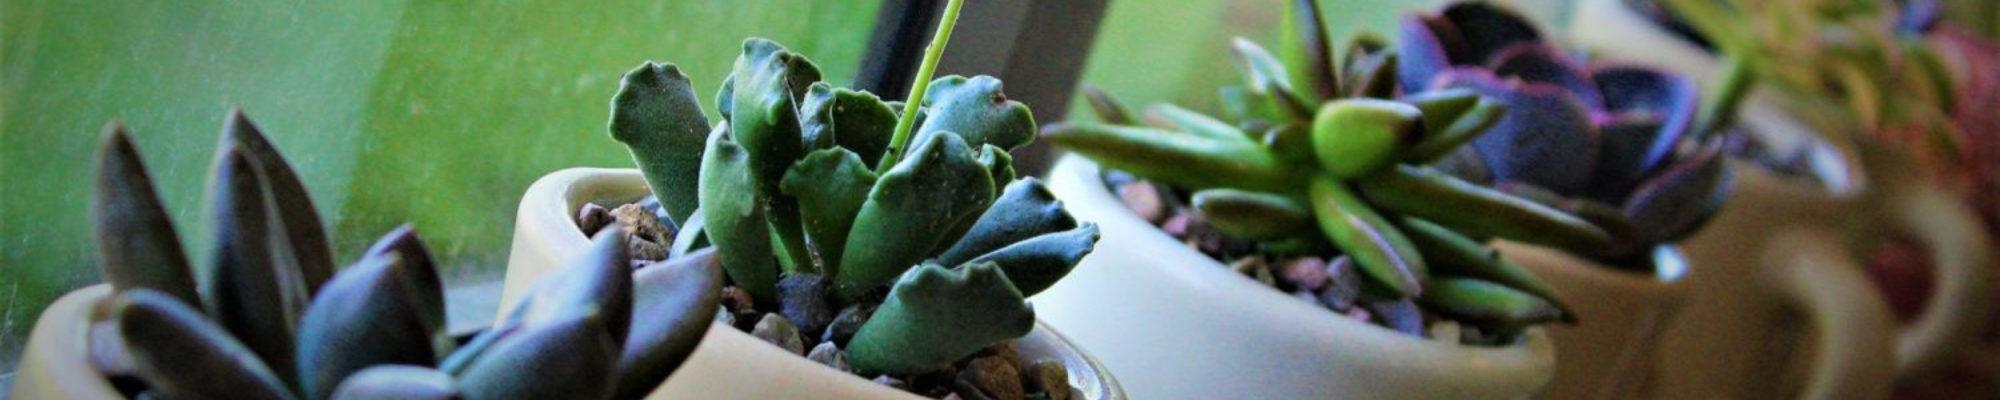 Suburban Succulents